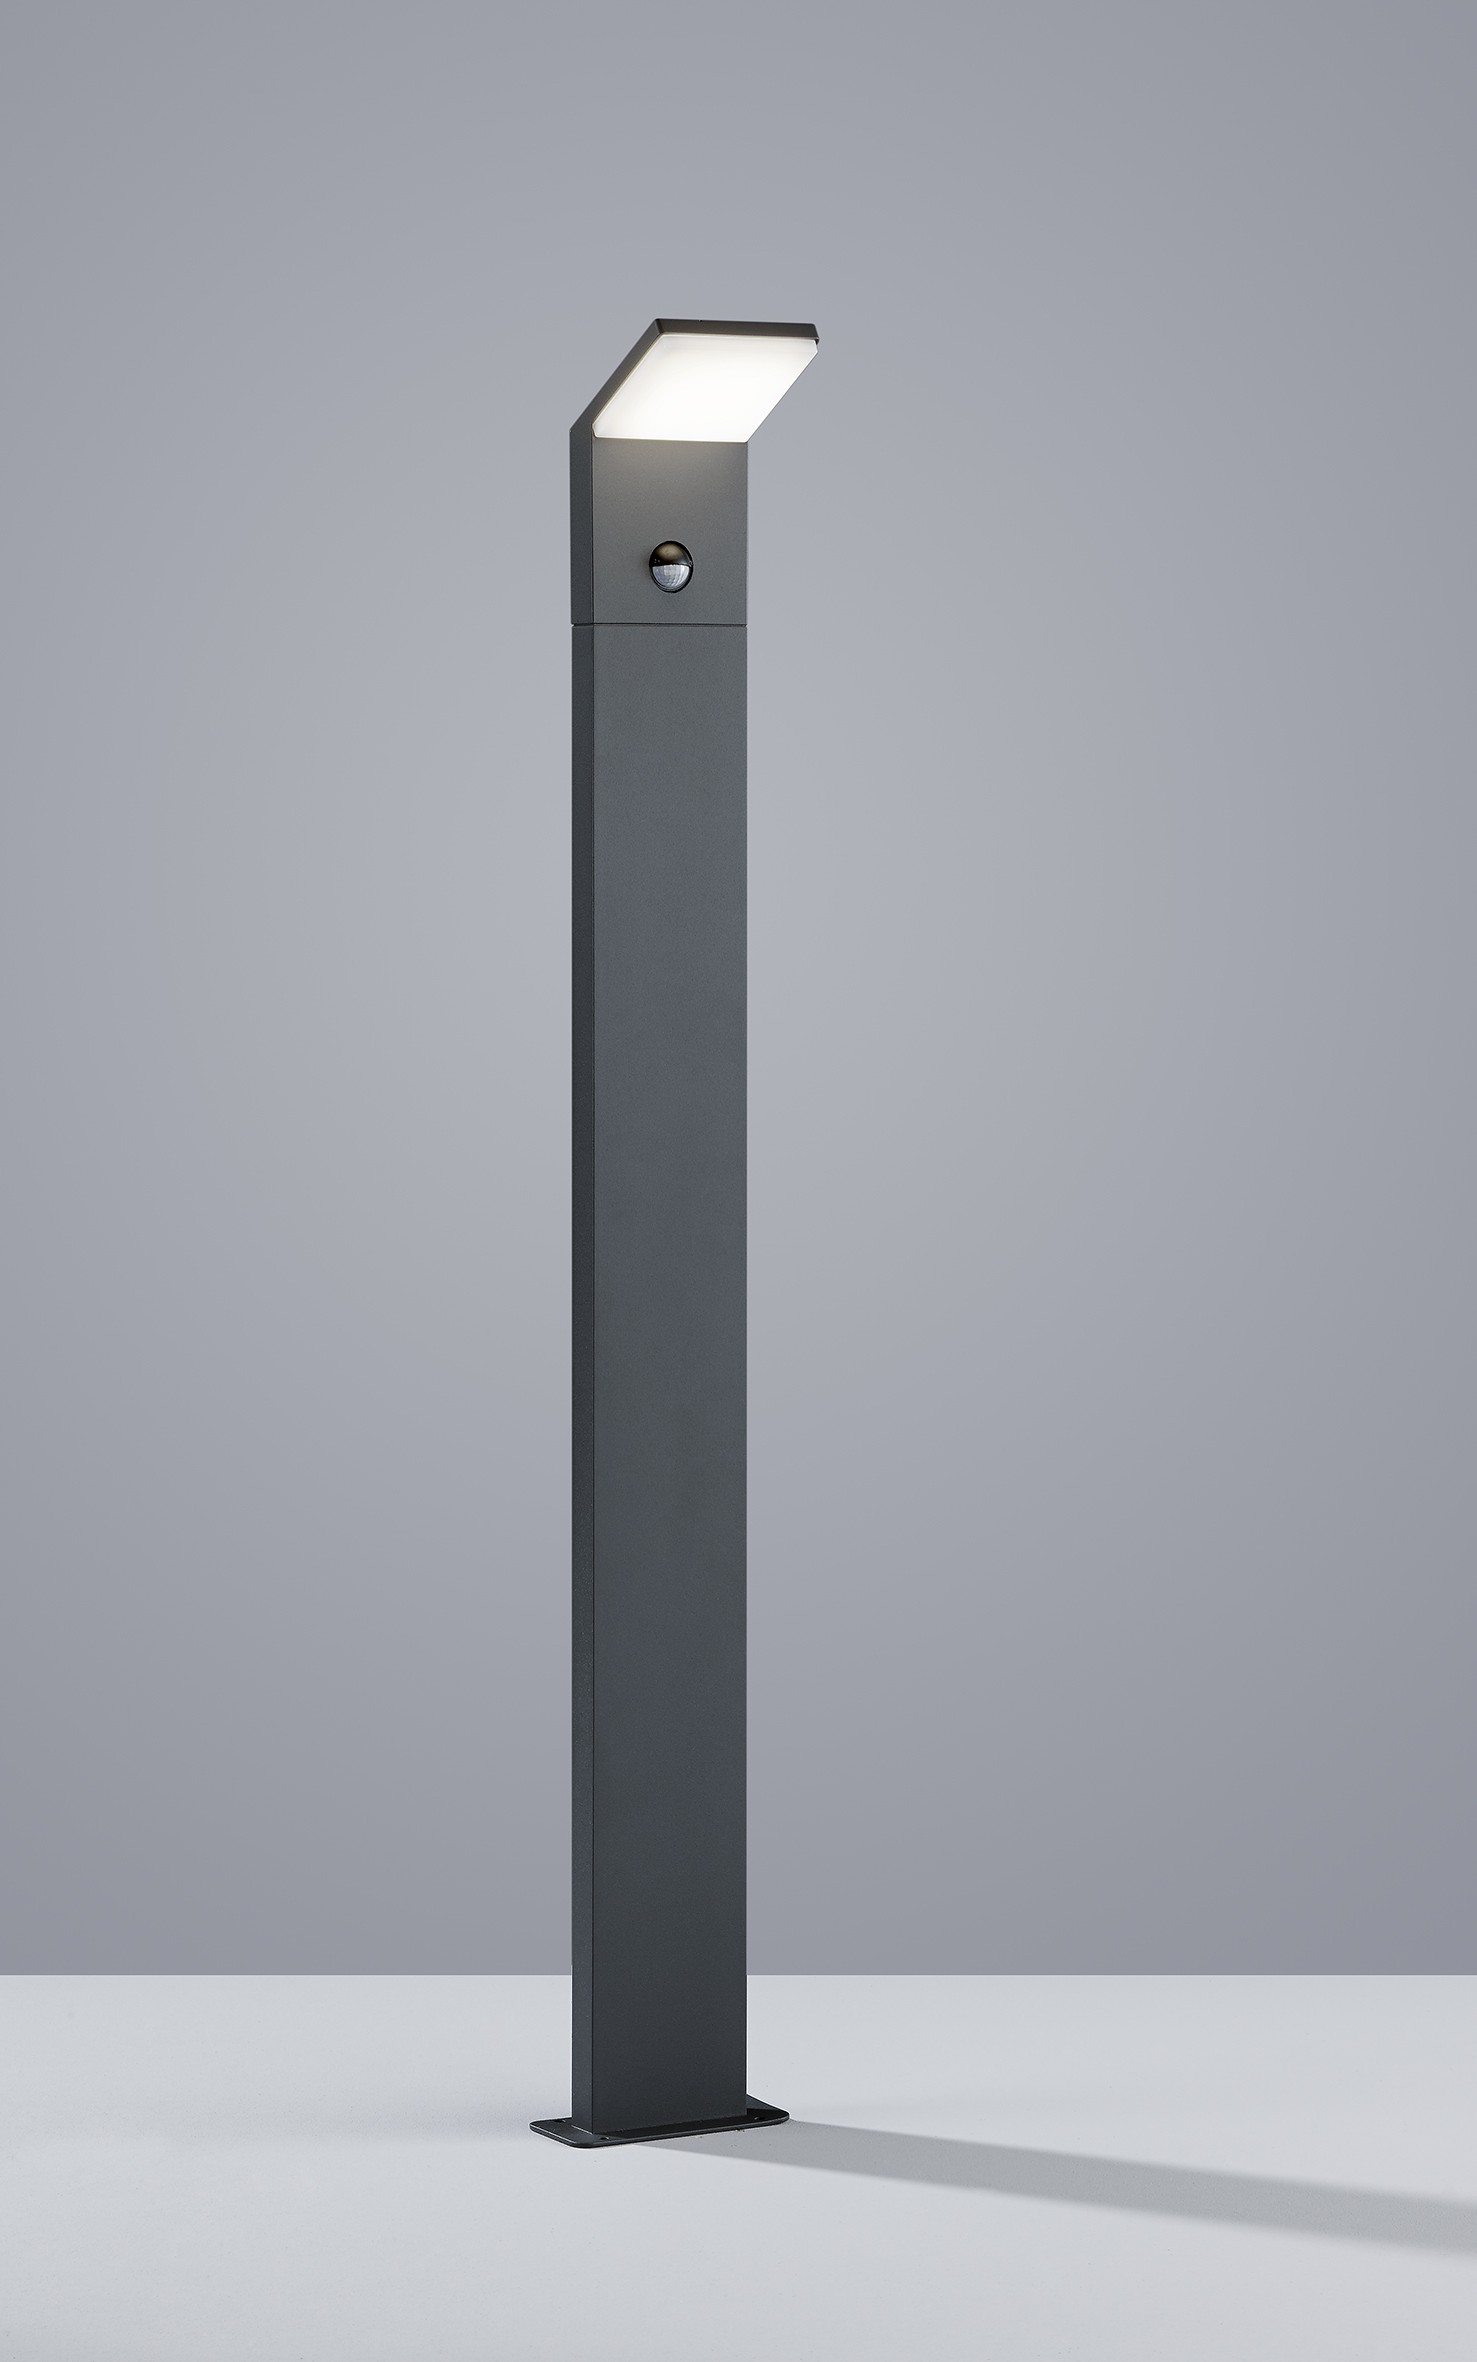 131c1154c6e7e1 Borne Pearl avec détecteur